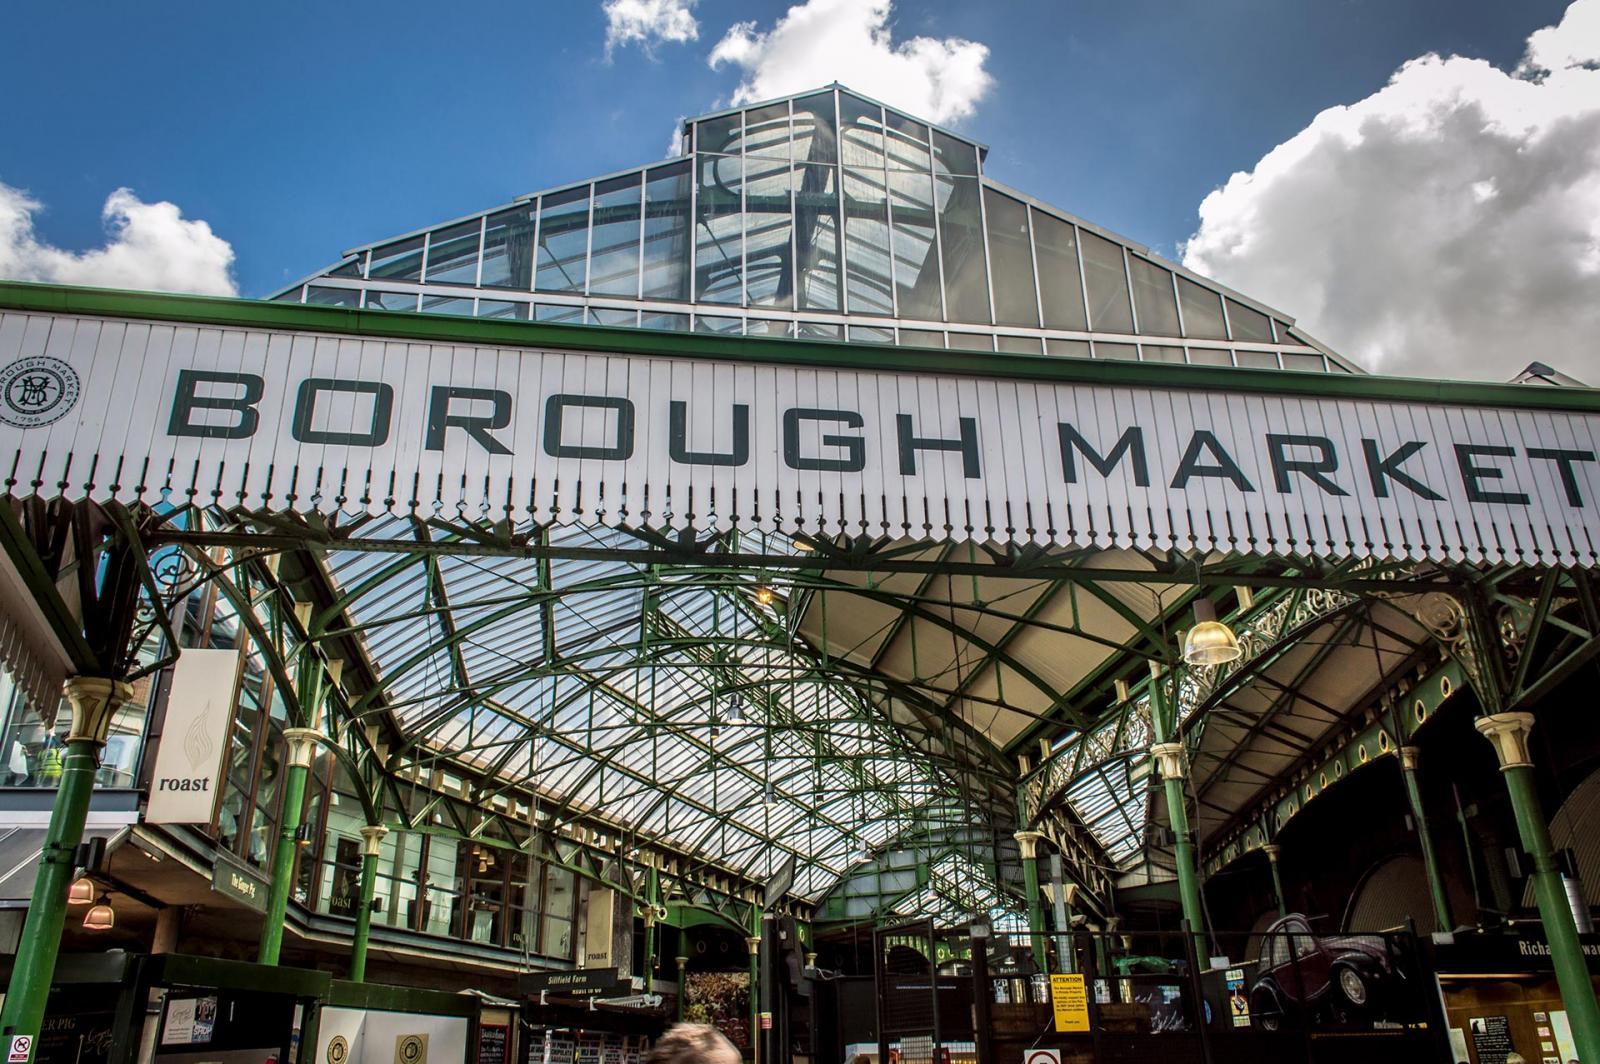 South Bank London - Borough Market